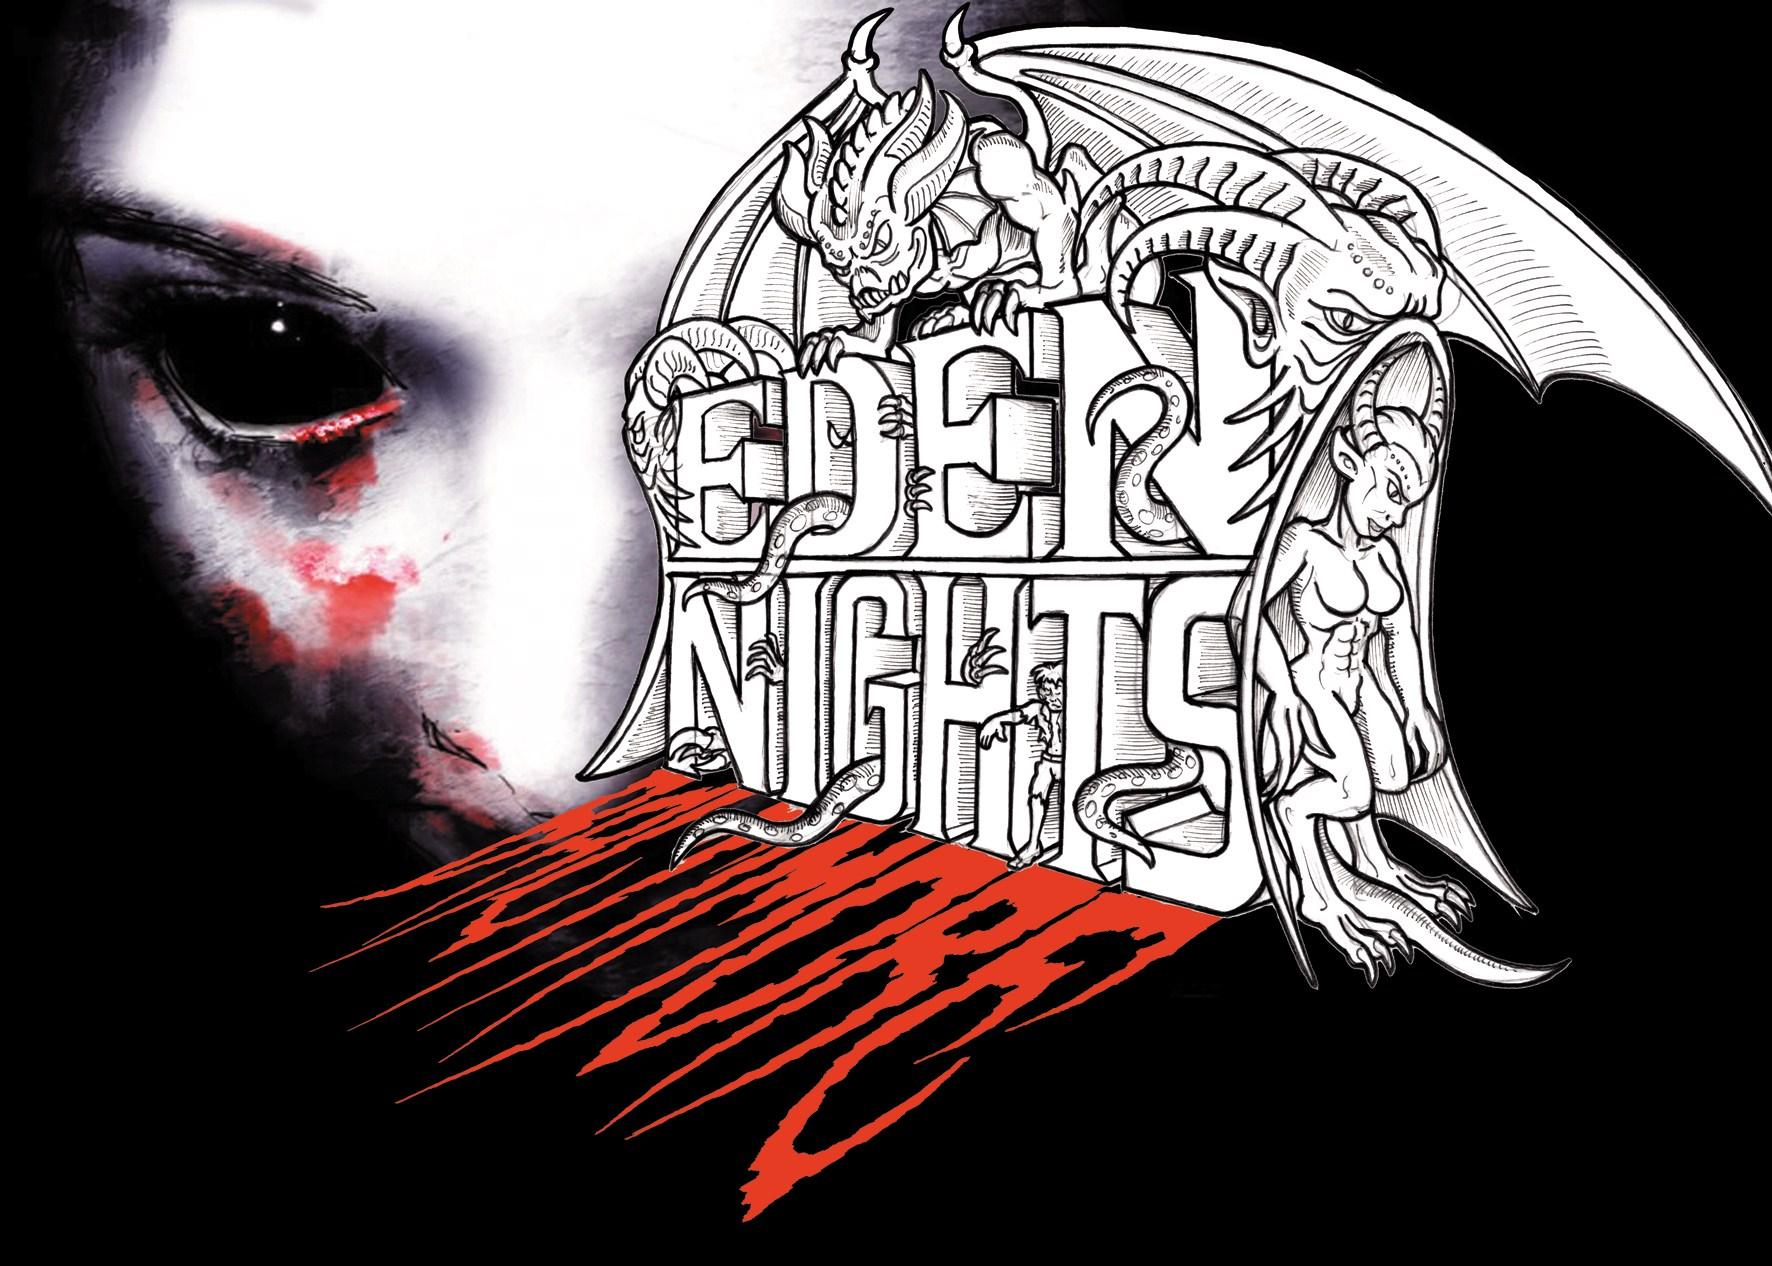 Eden nights baltimore 1 kopie1